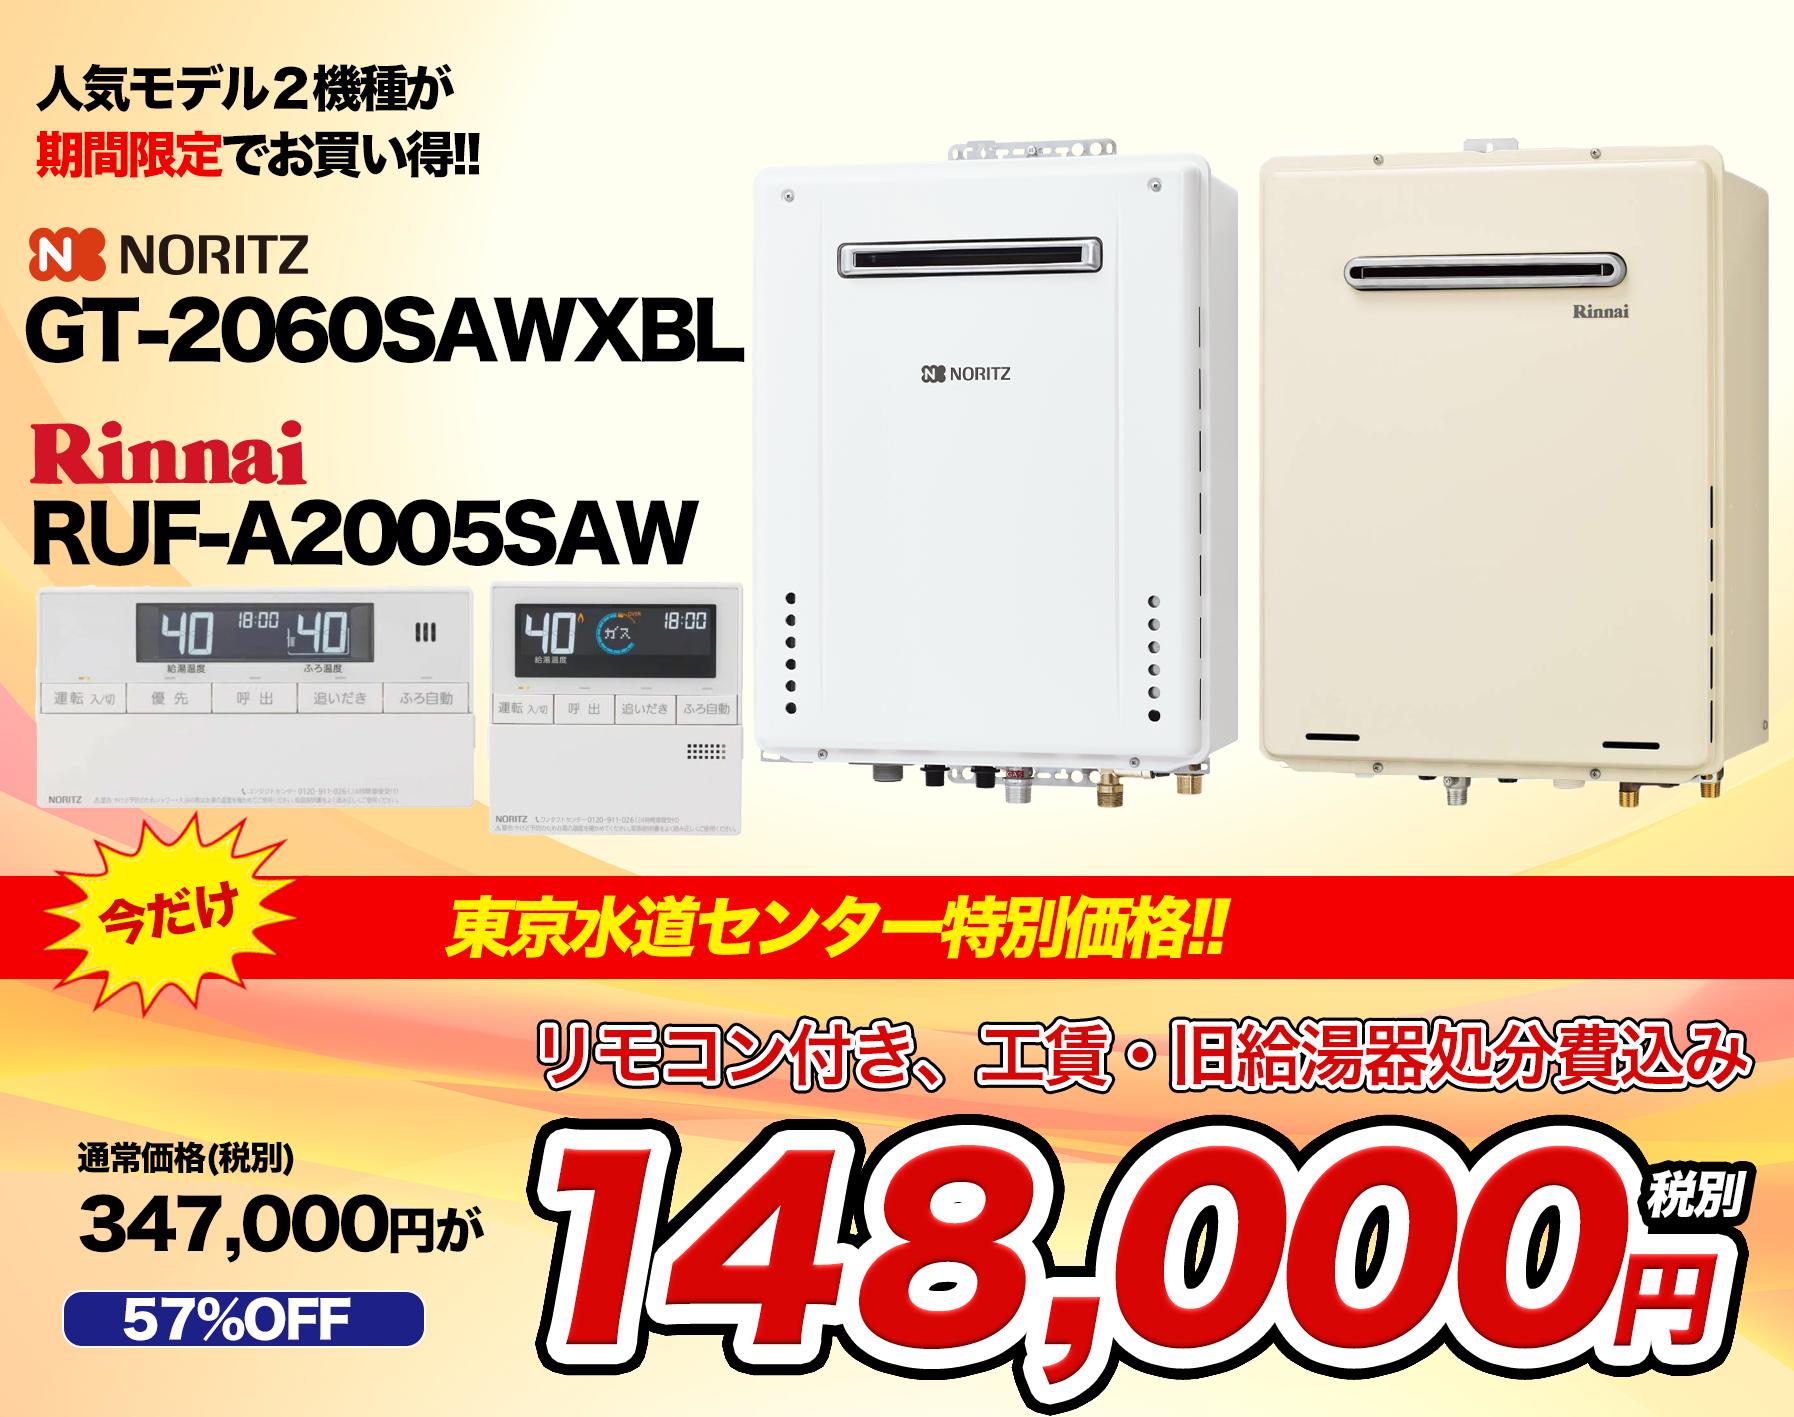 リモコン付き、工賃・旧給湯器処分費込み148,000円